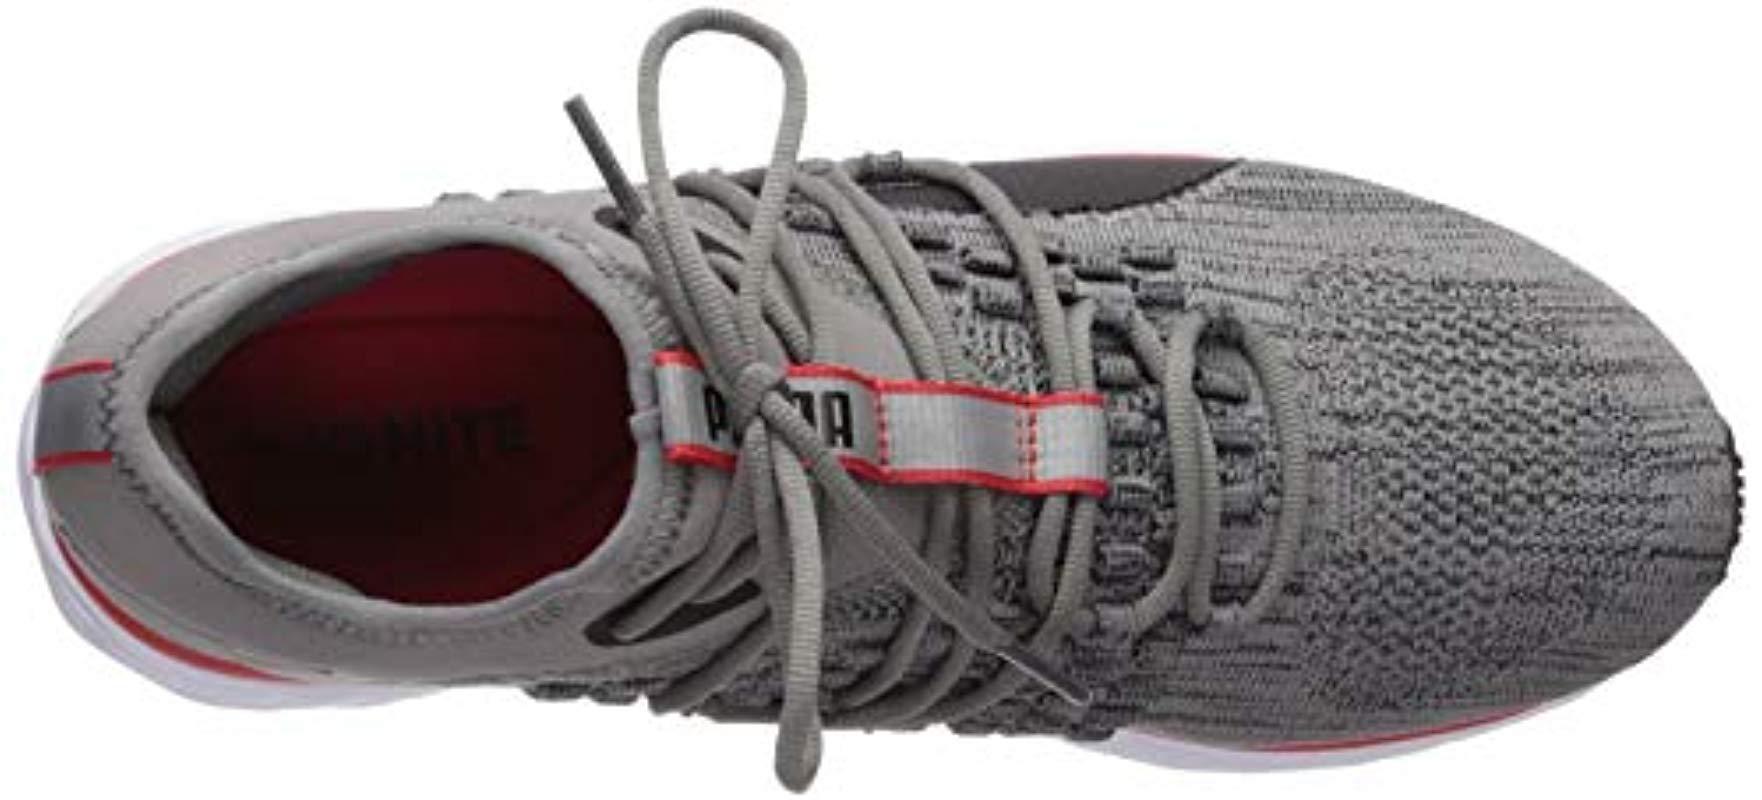 Lyst - PUMA Speed 600 Fusefit Sneaker in Gray for Men 3b300a548